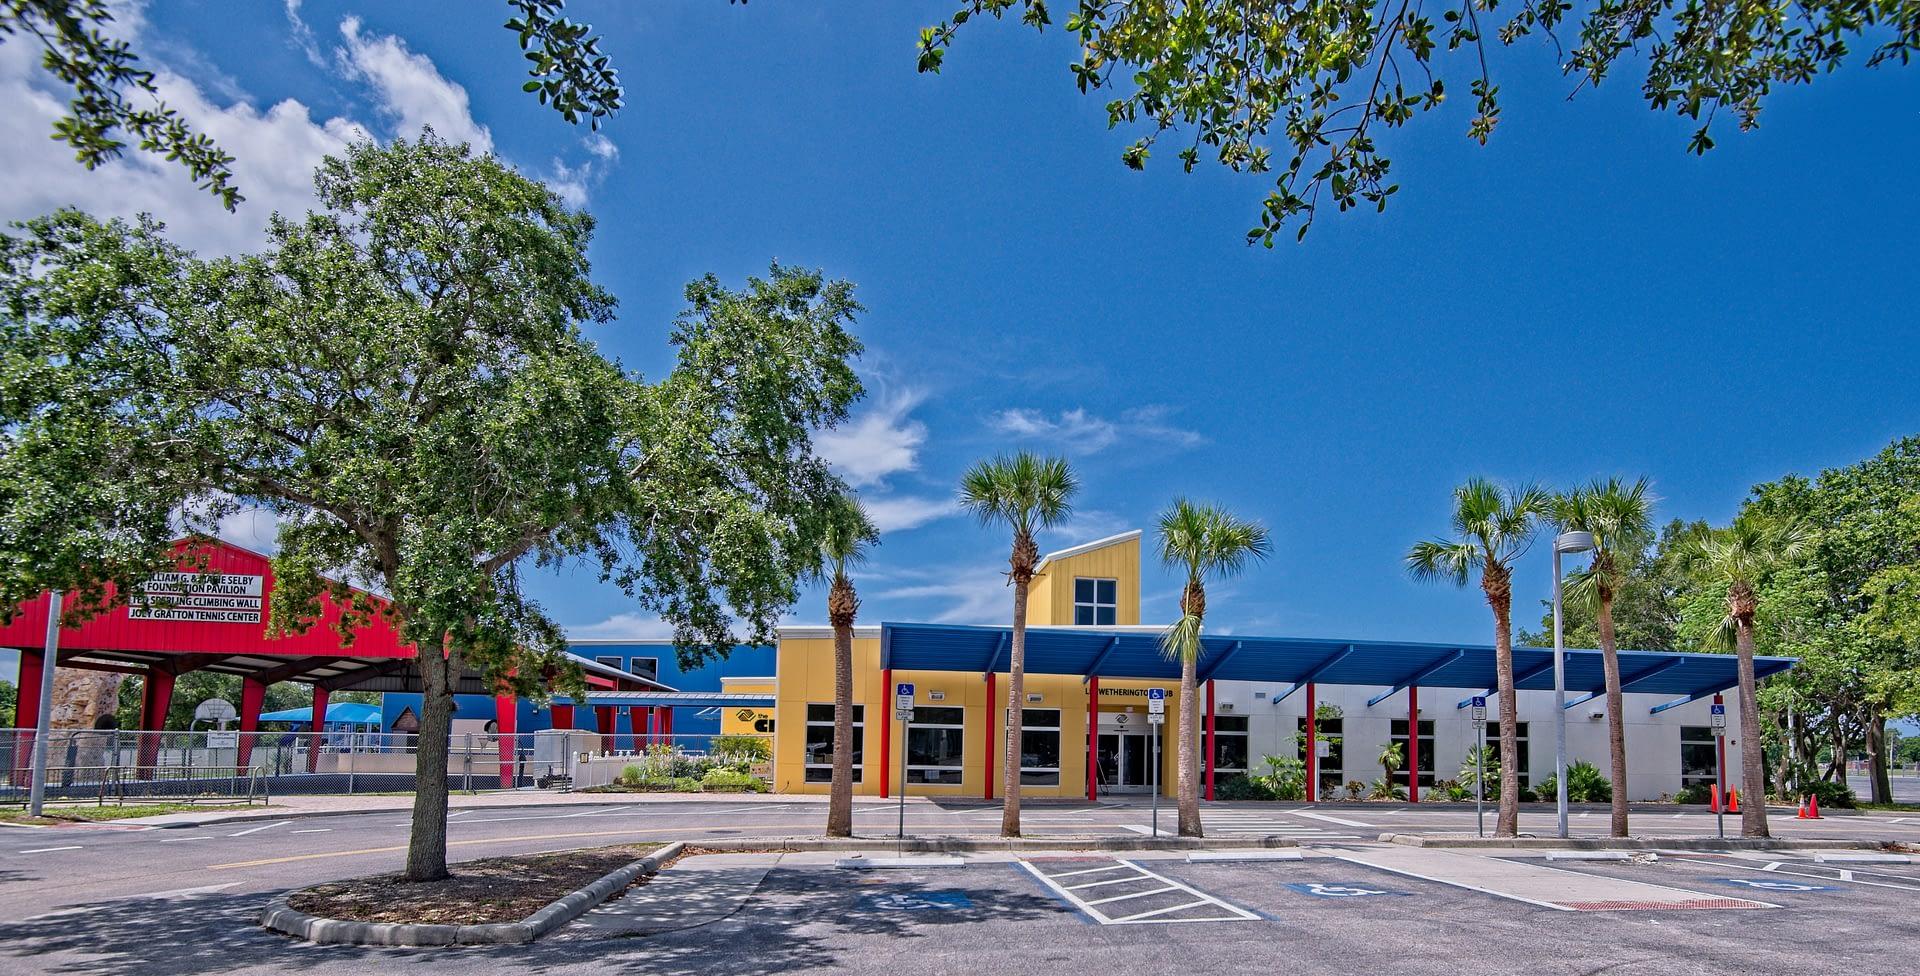 Boys & Girls Club of Sarasota 3100 Fruitville Rd, Sarasota, FL 34237